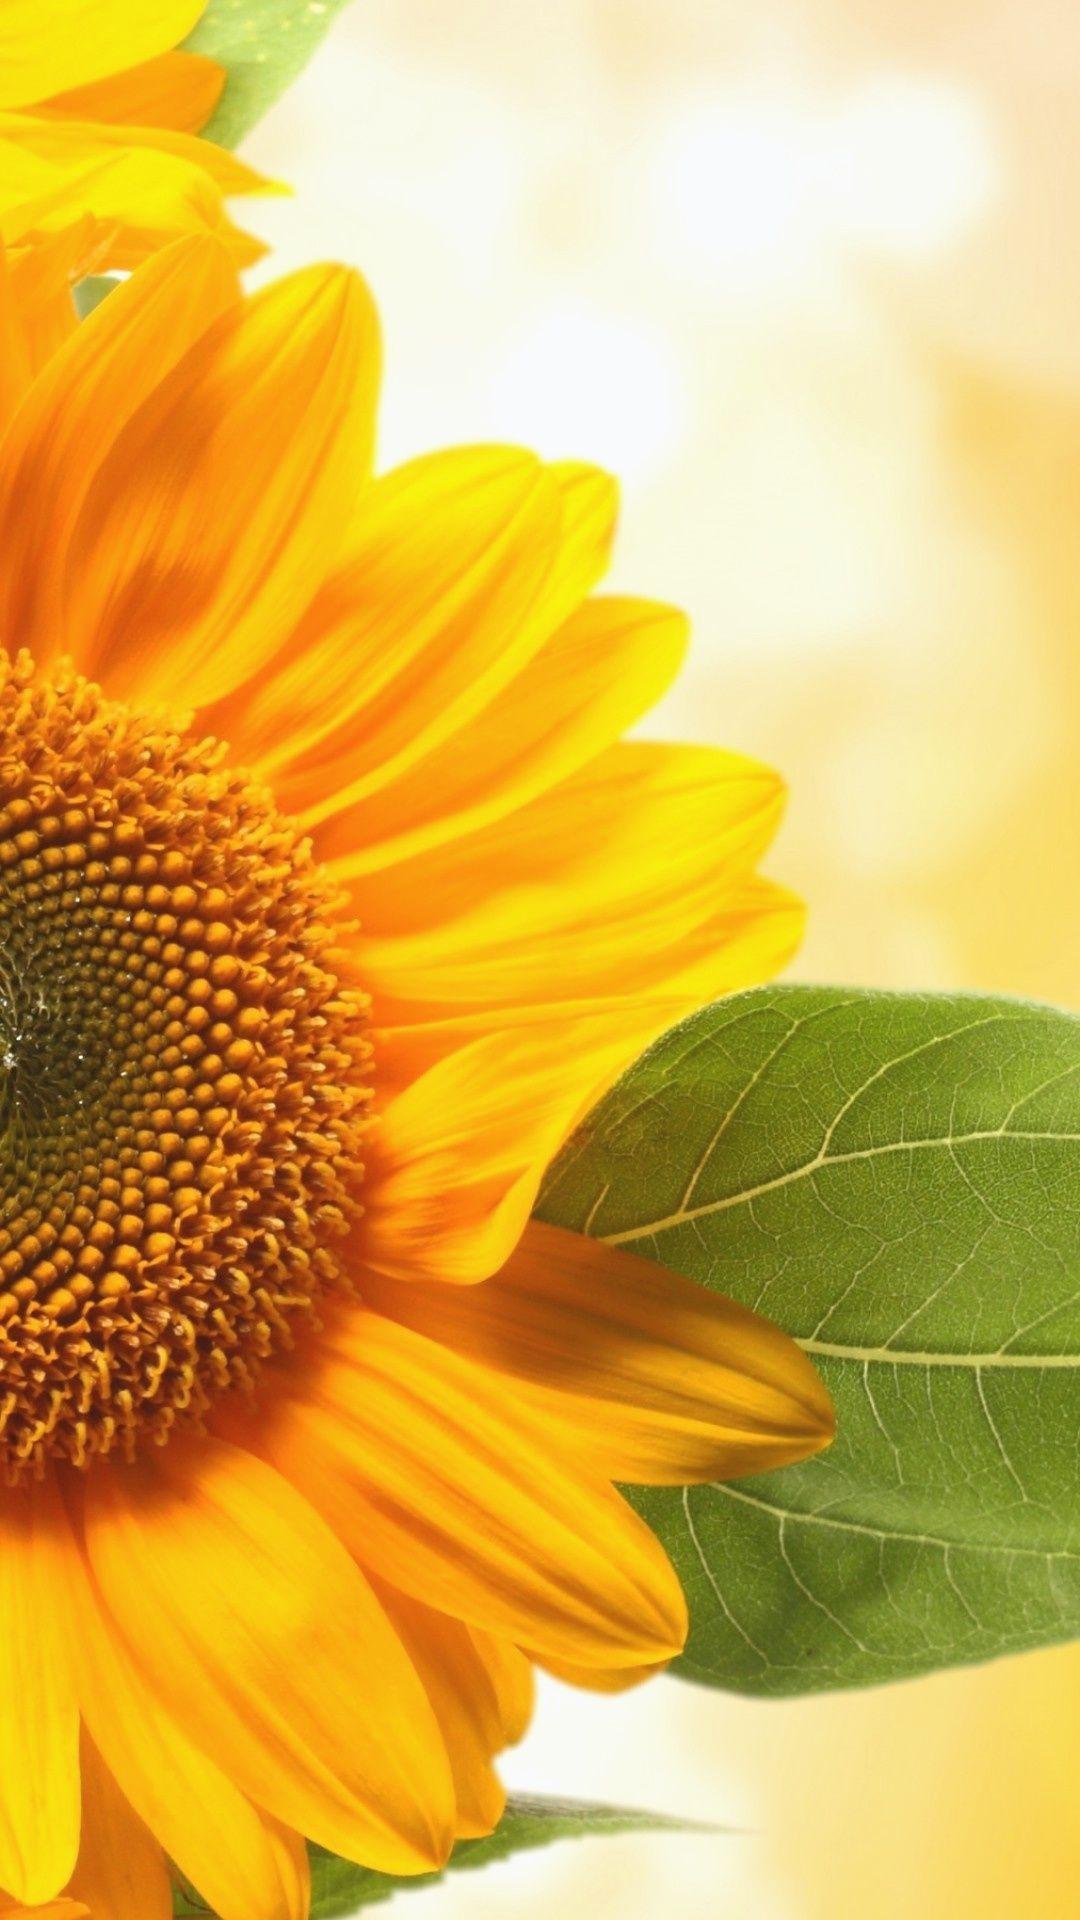 Sunflower Wallpaper Hd Iphone | Sunflower wallpaper hd ...